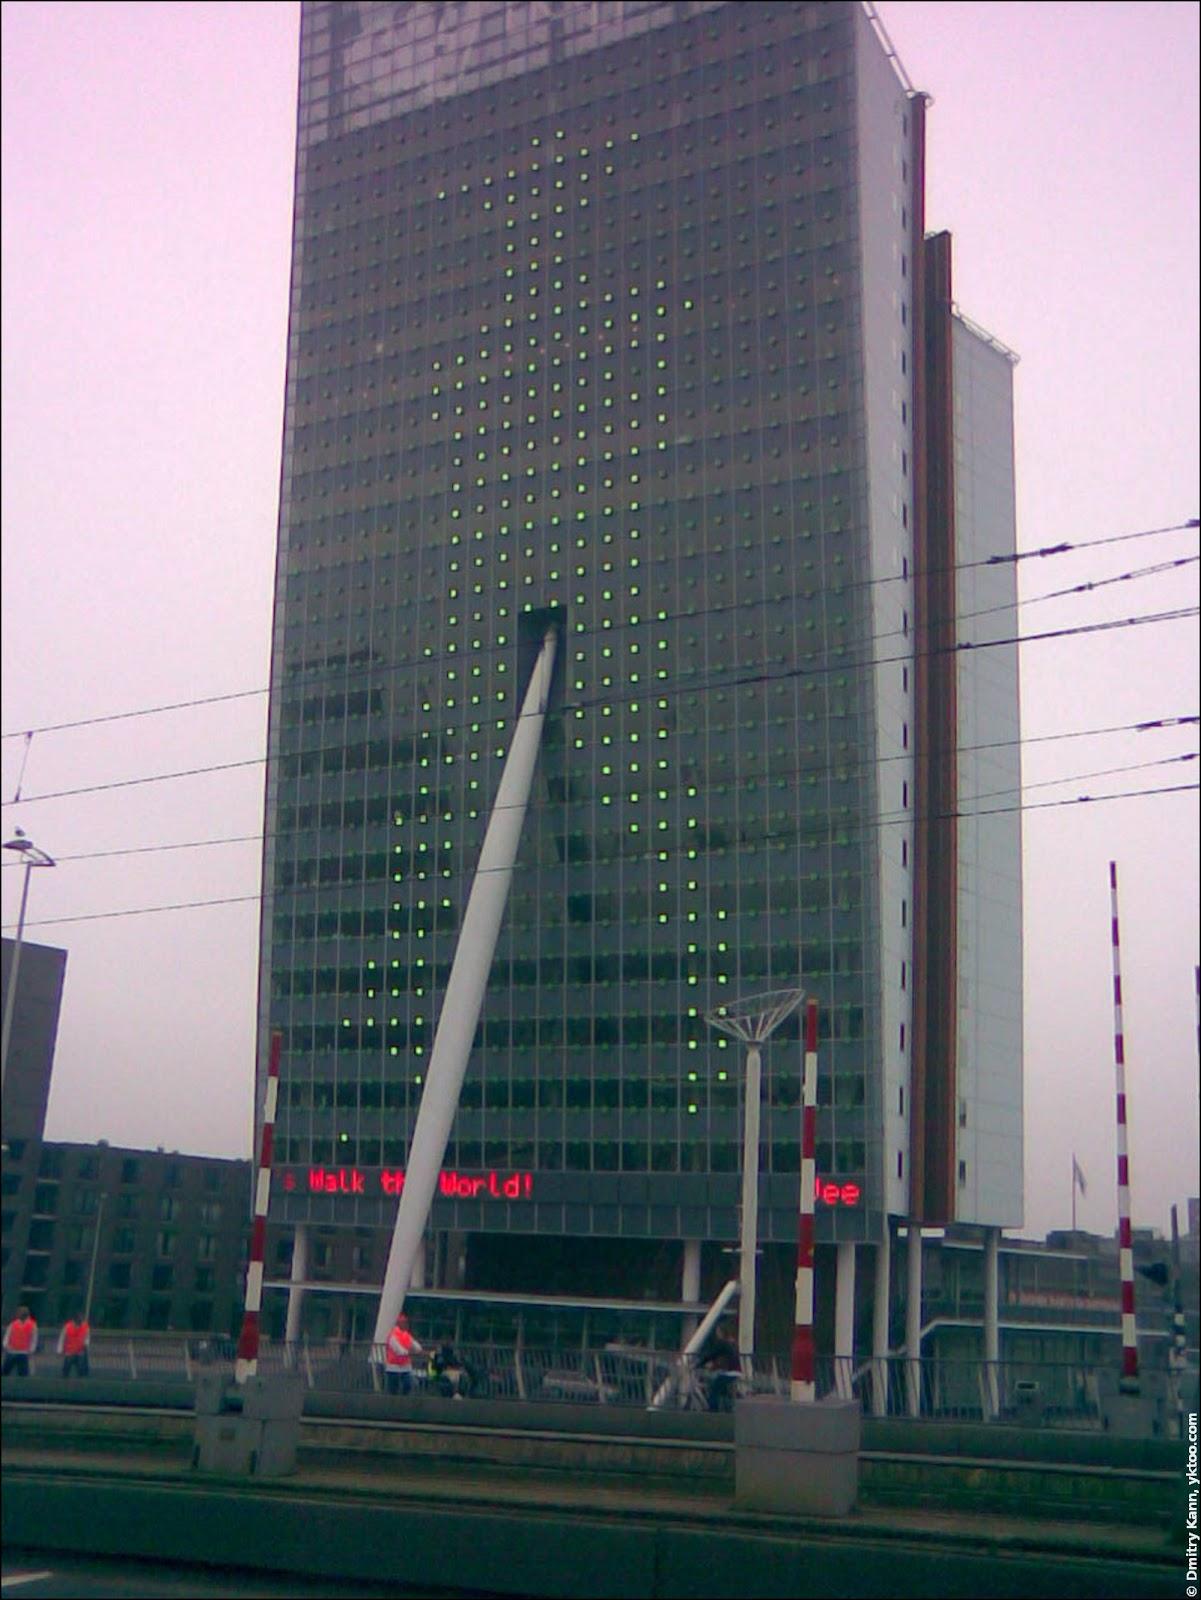 Дизайнеры этого здания явно не рассчитывали, что на нём будет рисоваться шагающий человечек.